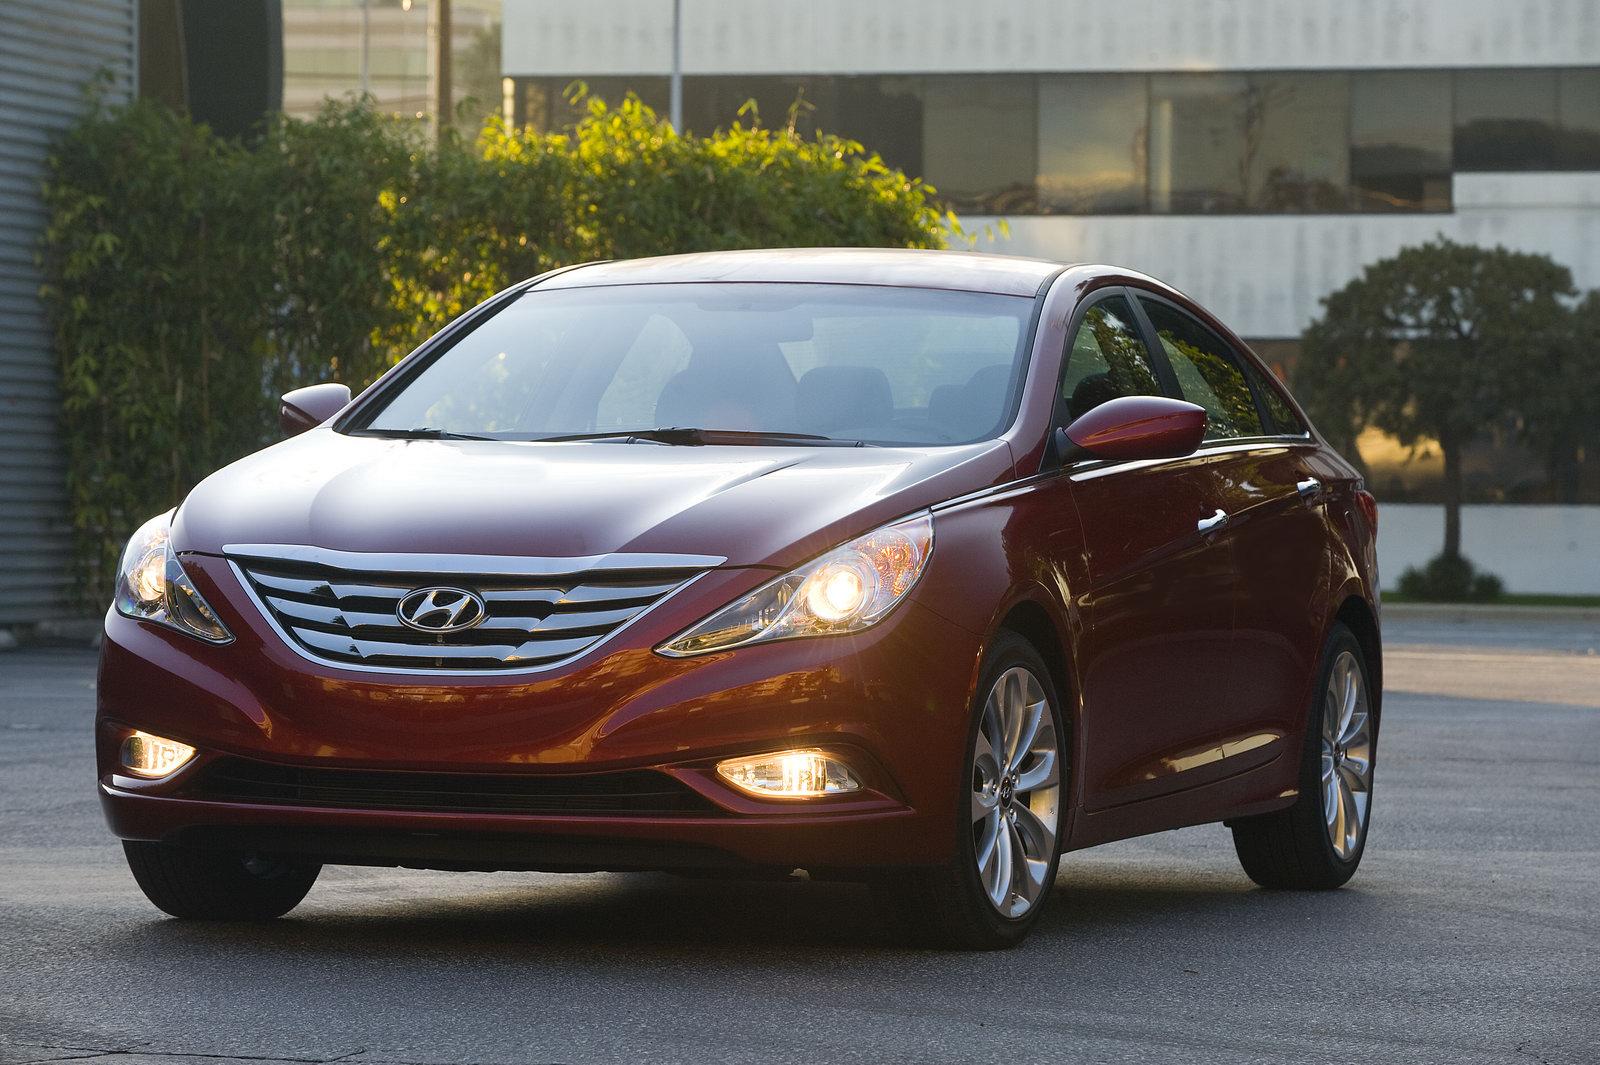 2011-Hyundai-Sonata-Sedan-3450.jpg